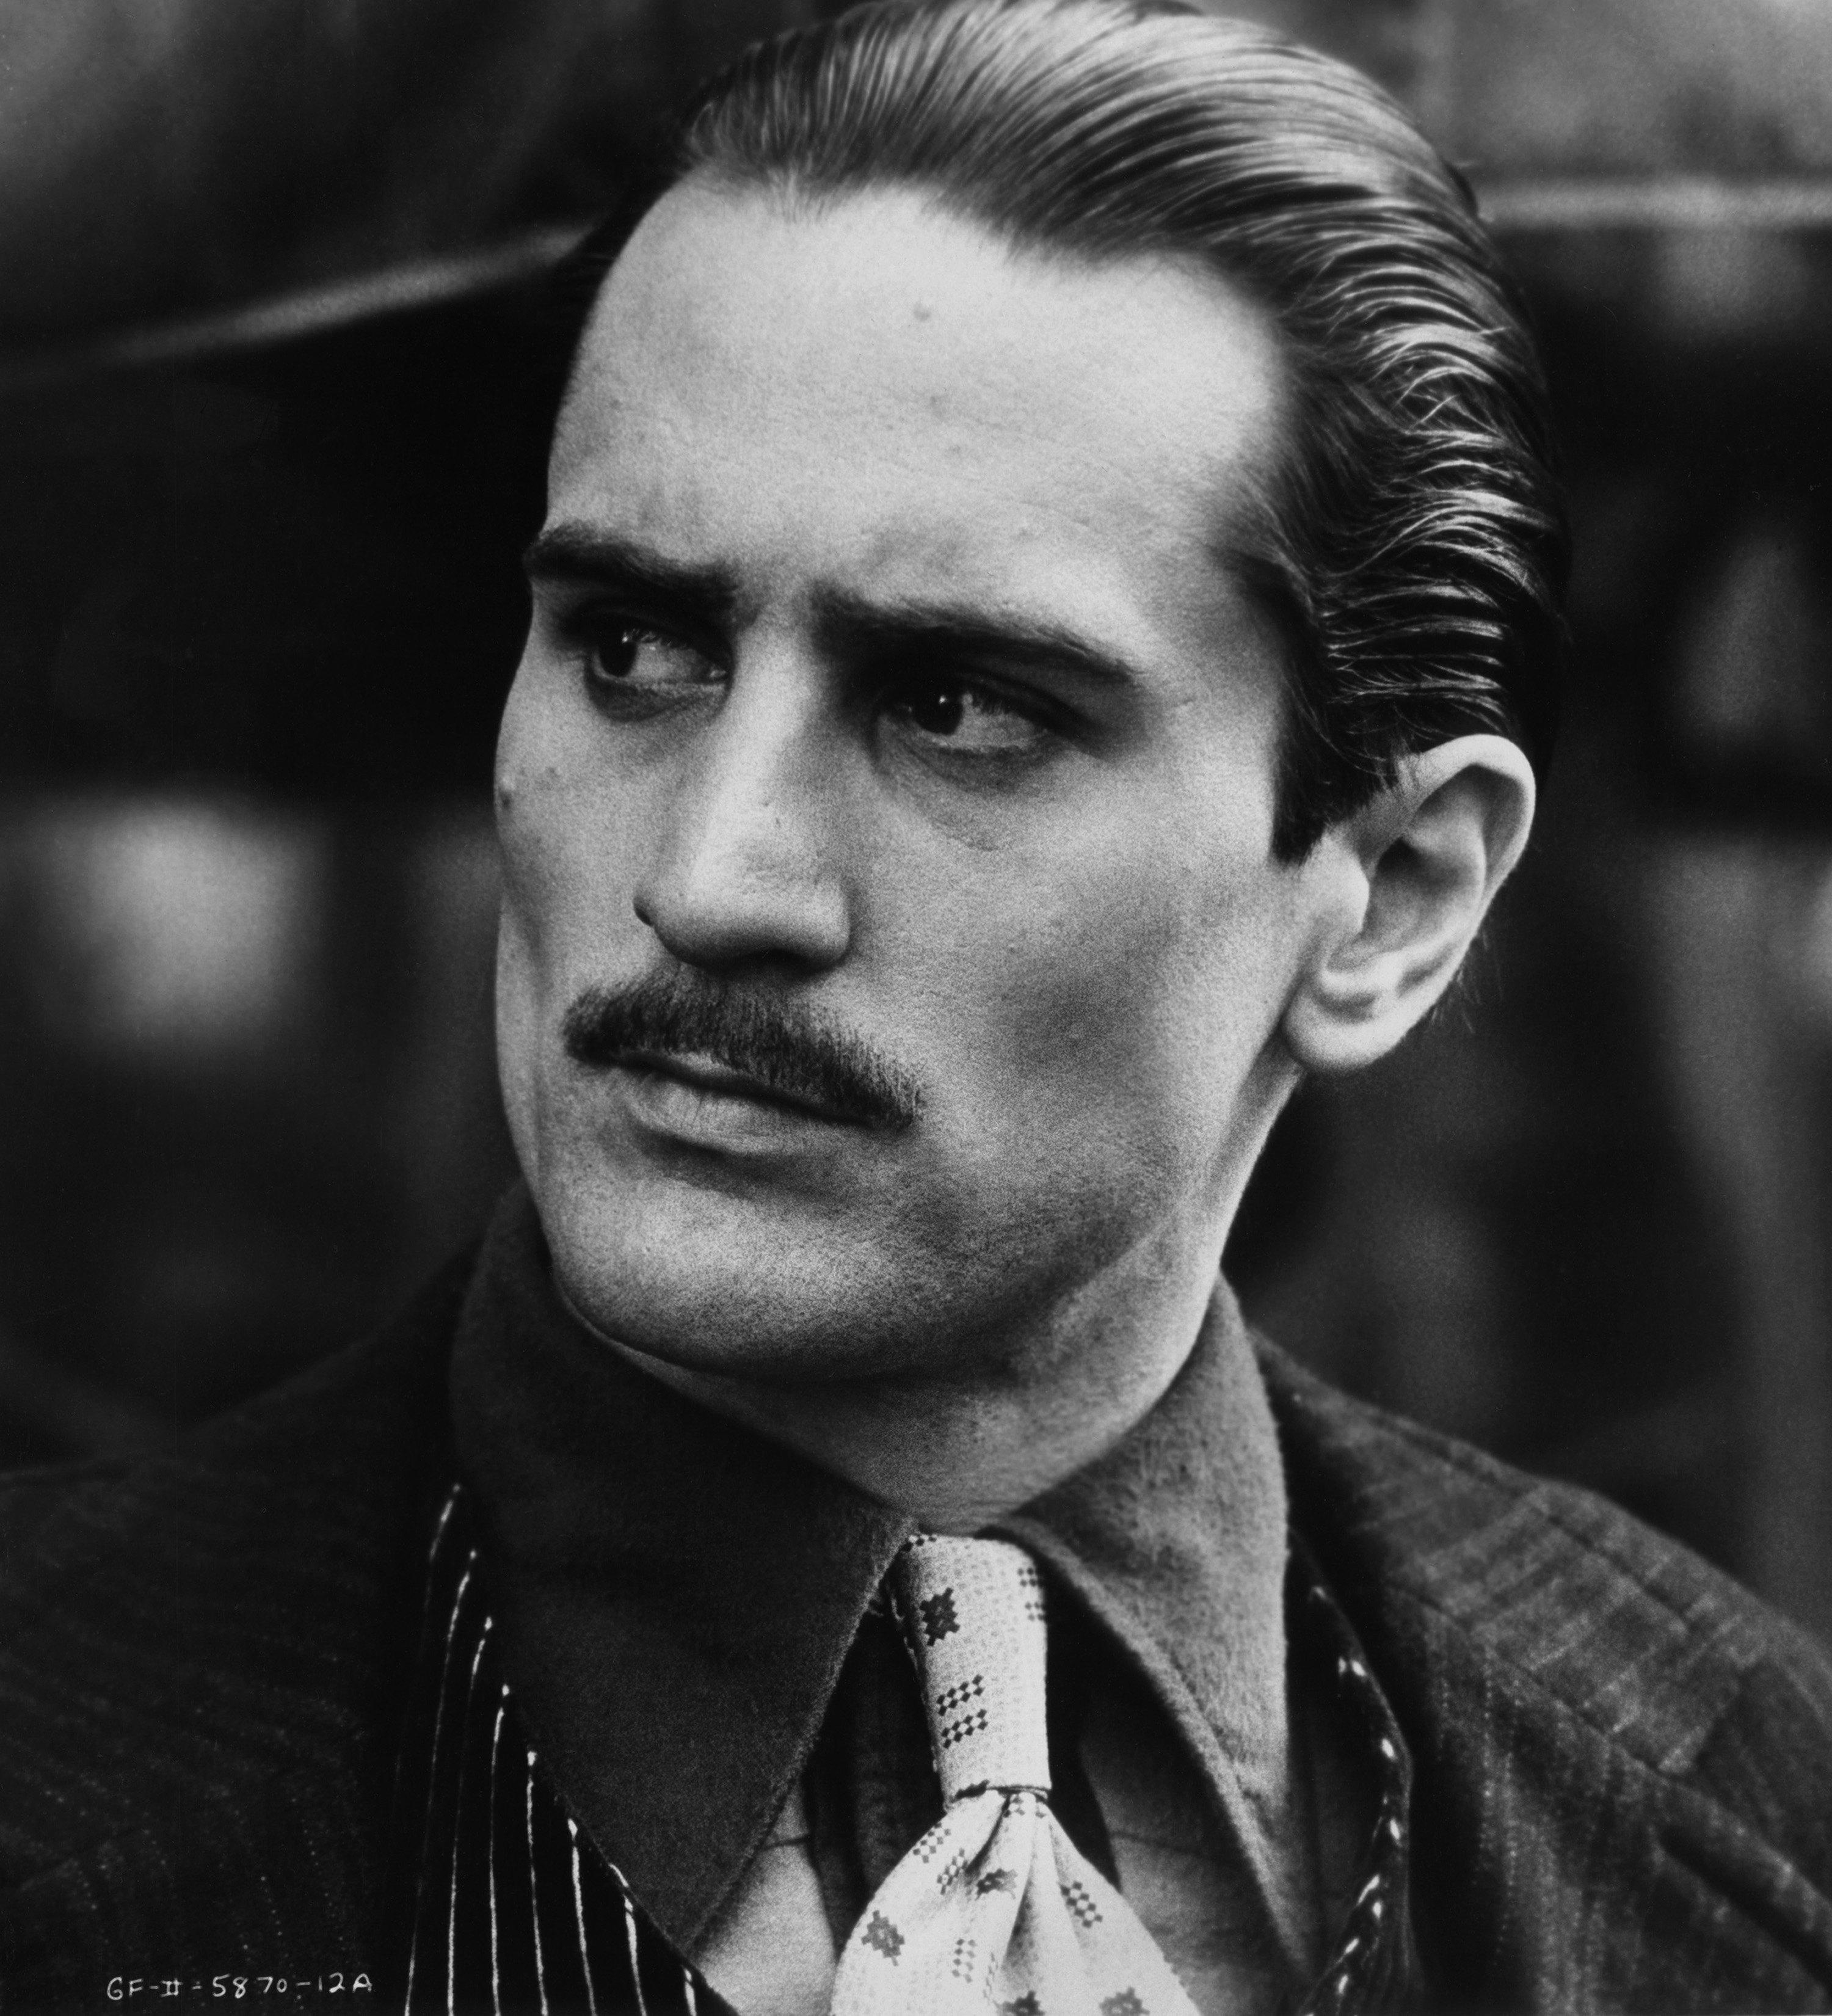 Godfather Robert De Niro